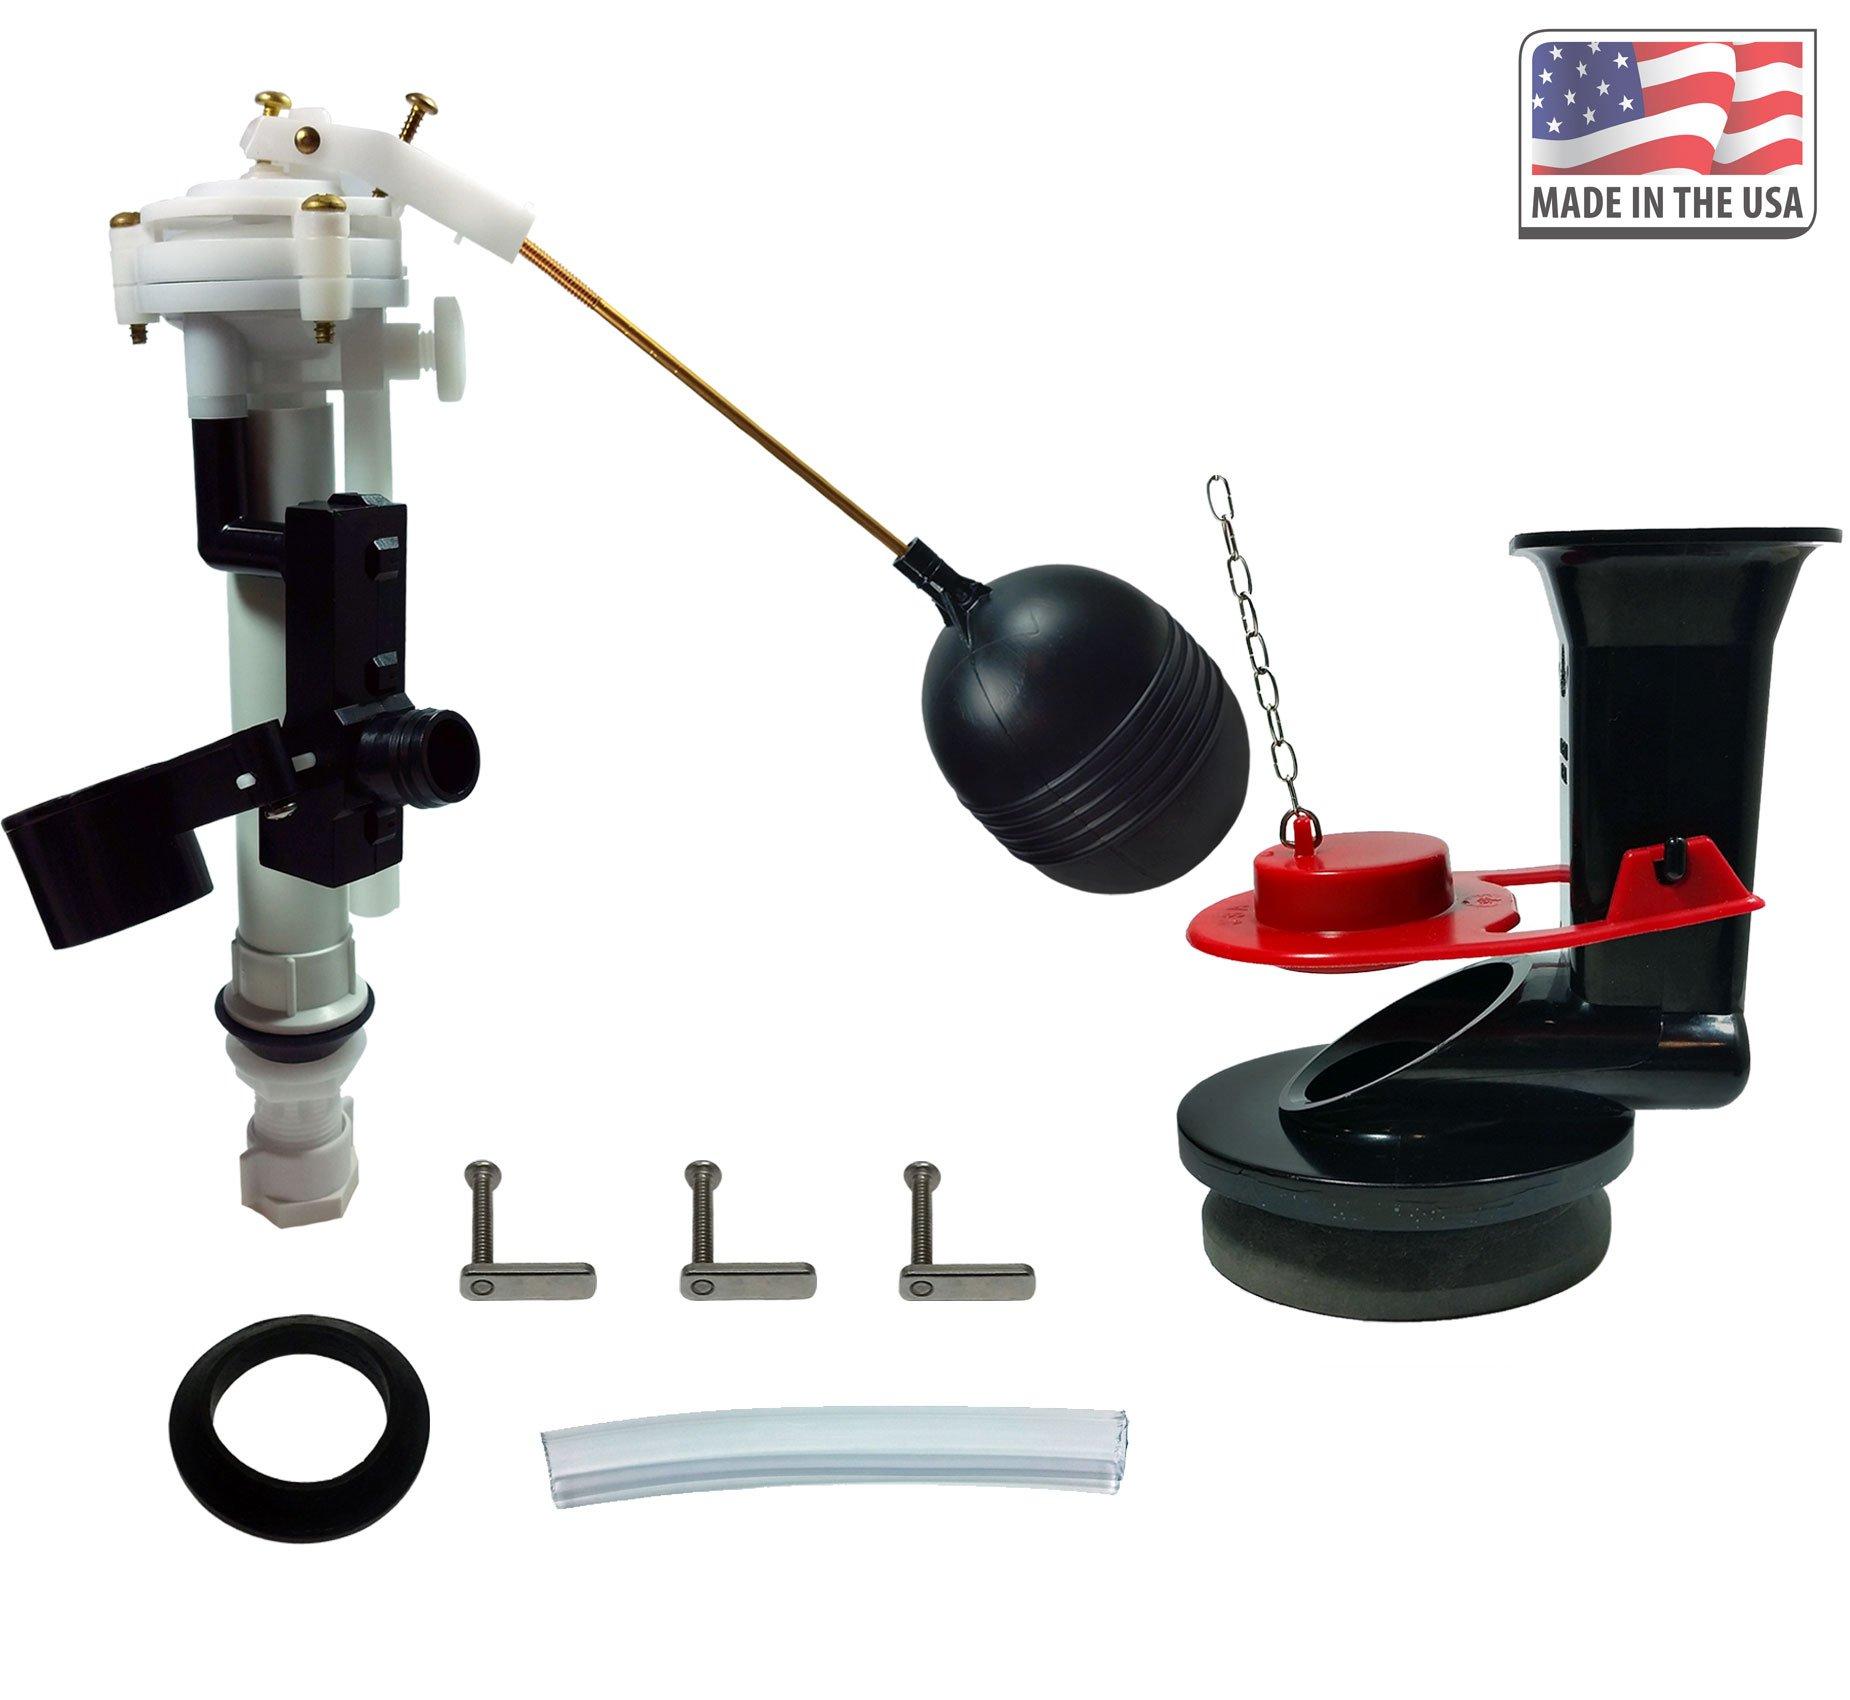 Repair Kit for Kohler Toilet 84499 1b1x Repair, Made in USA